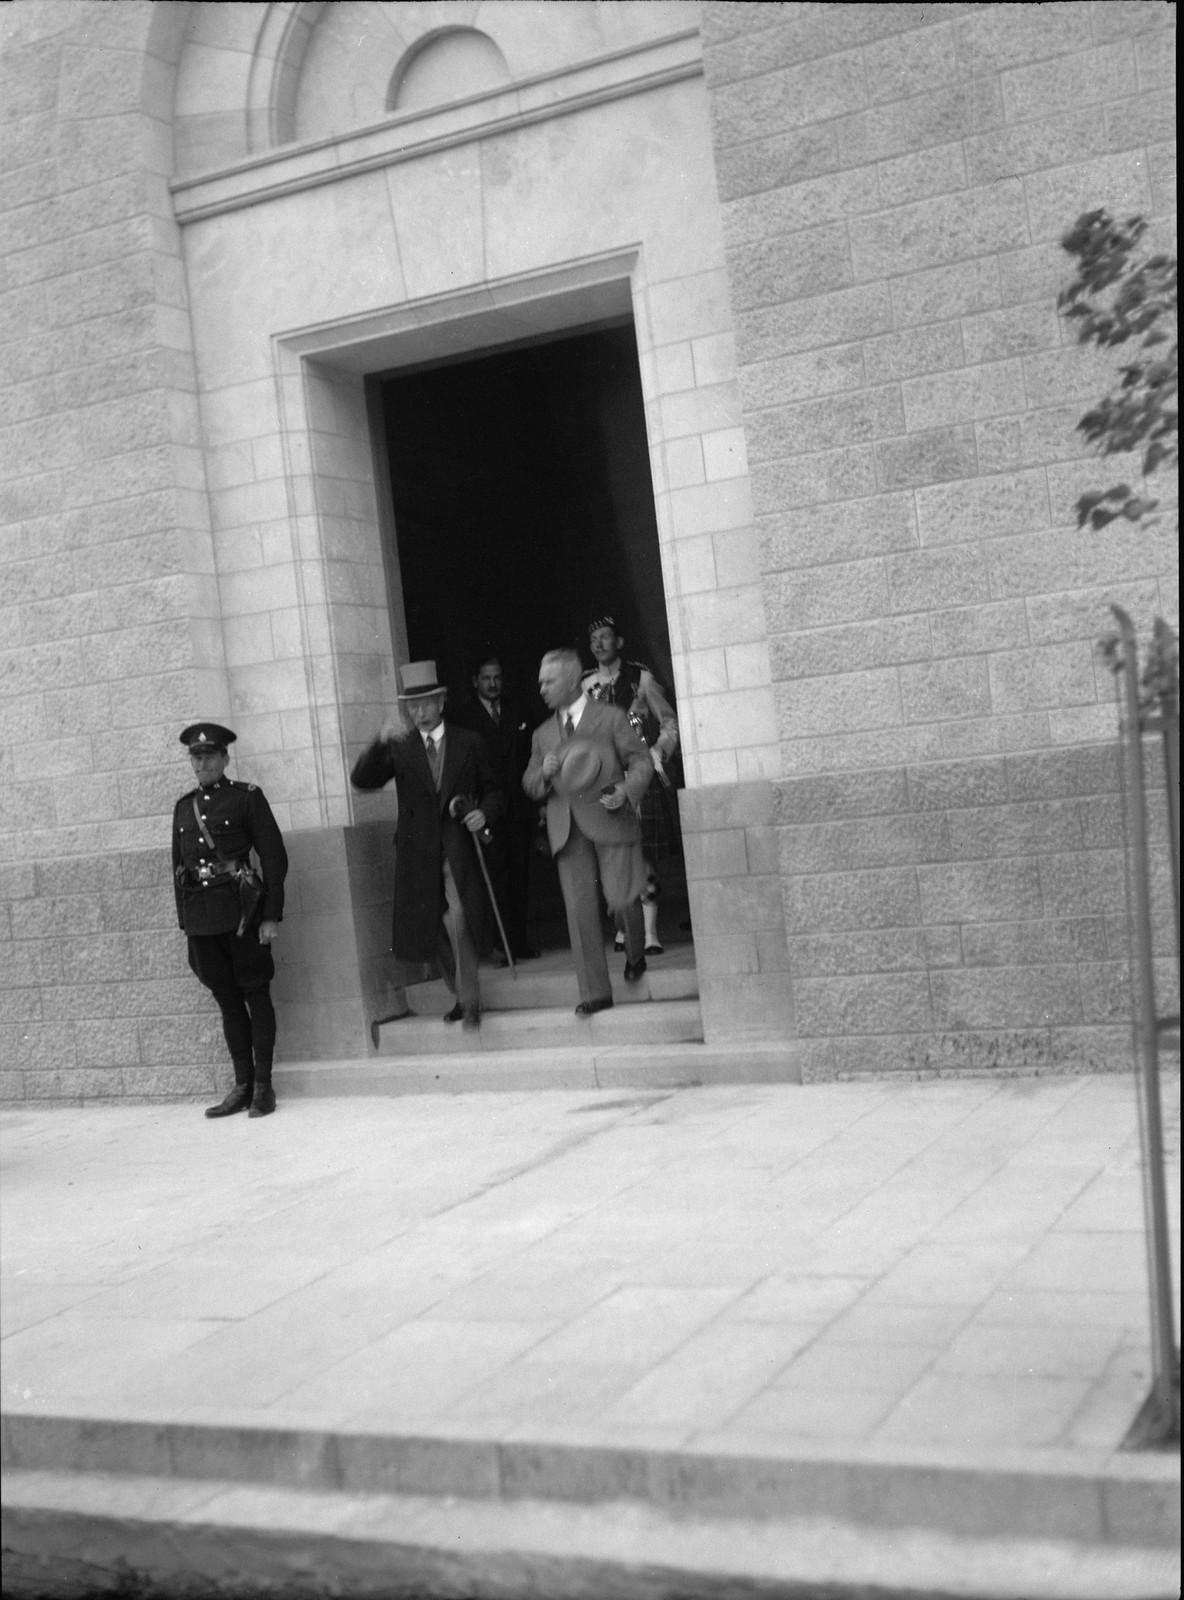 02. Его Превосходительство Верховный комиссар сэр Артур Уокоп у входа в новое почтовое отделение.